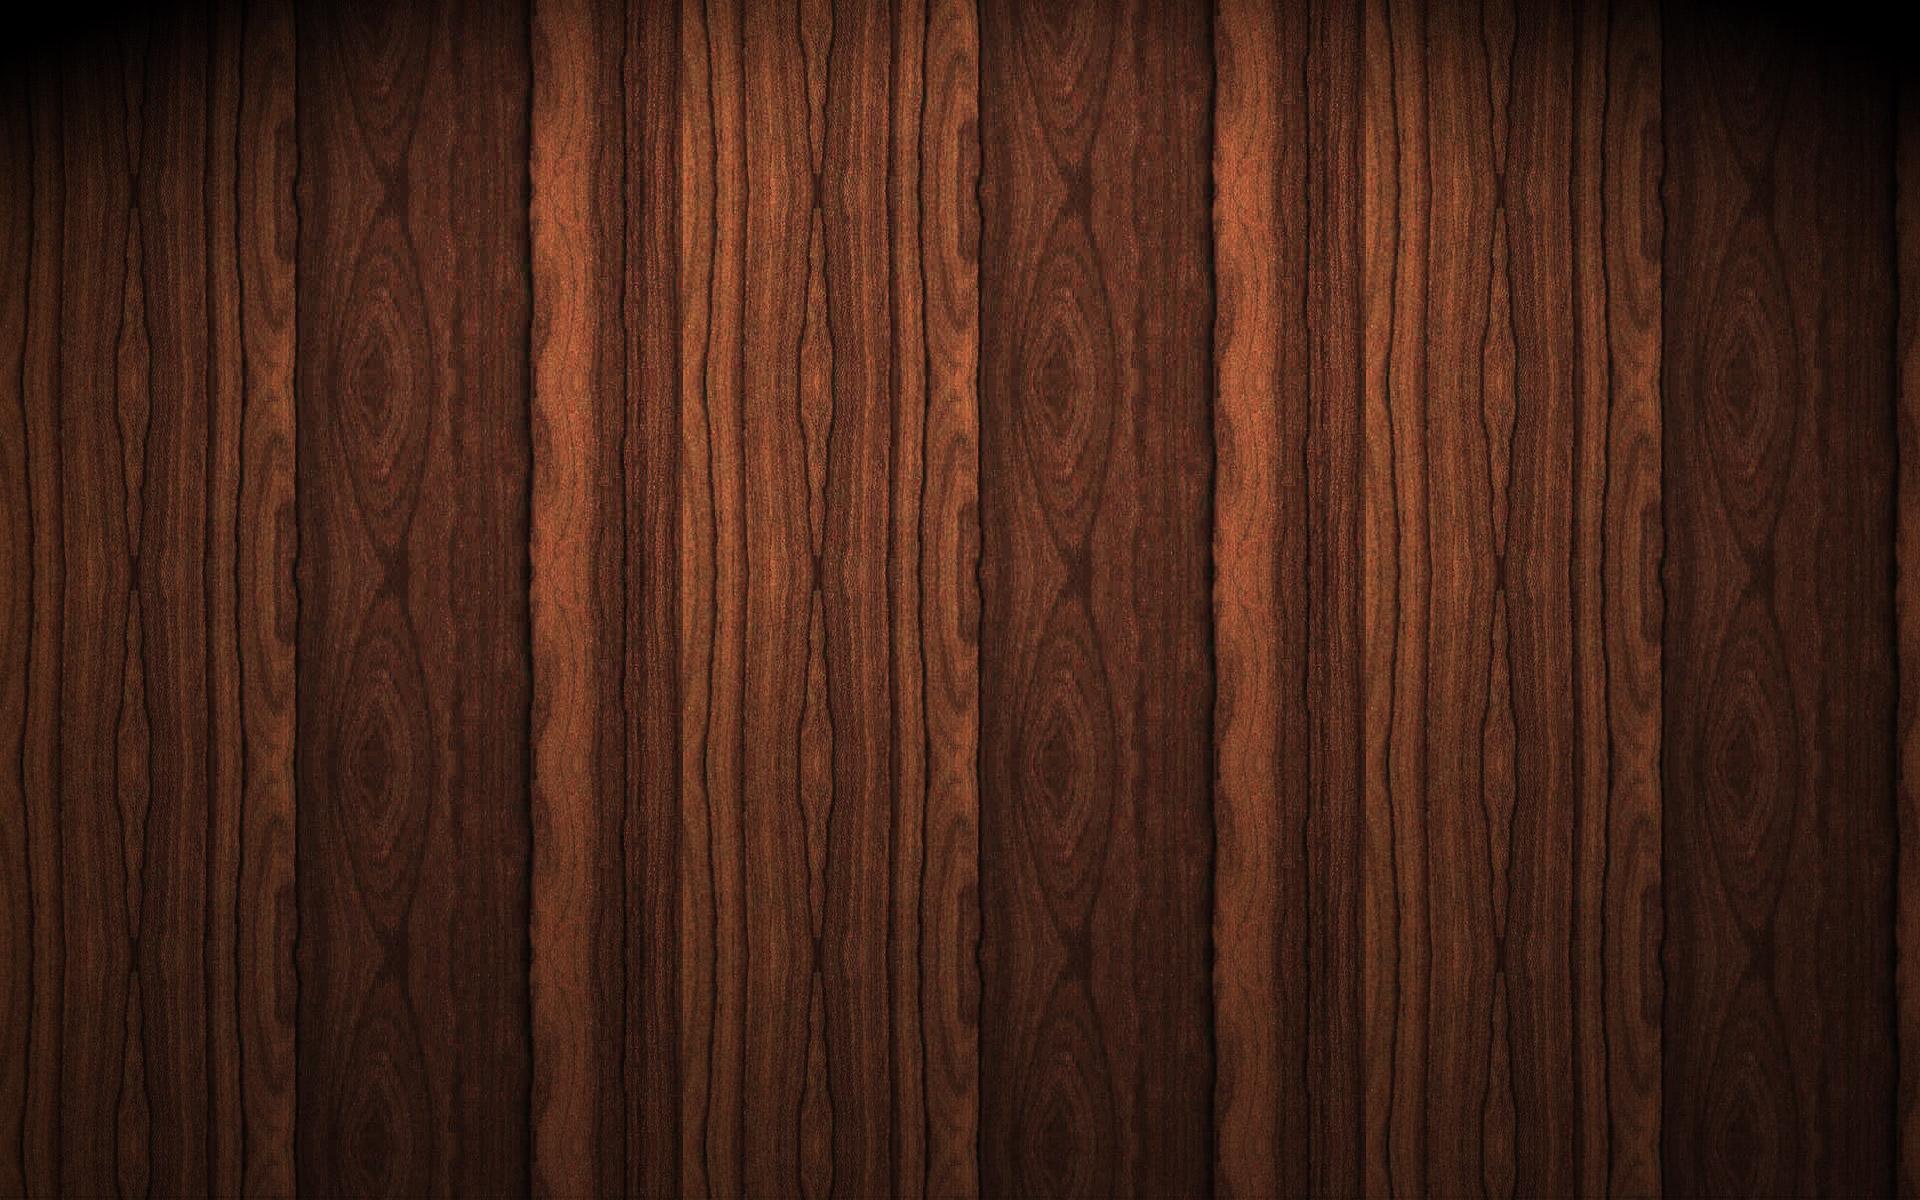 Textures wood texture wallpaper 1920x1200 11397 WallpaperUP 1920x1200